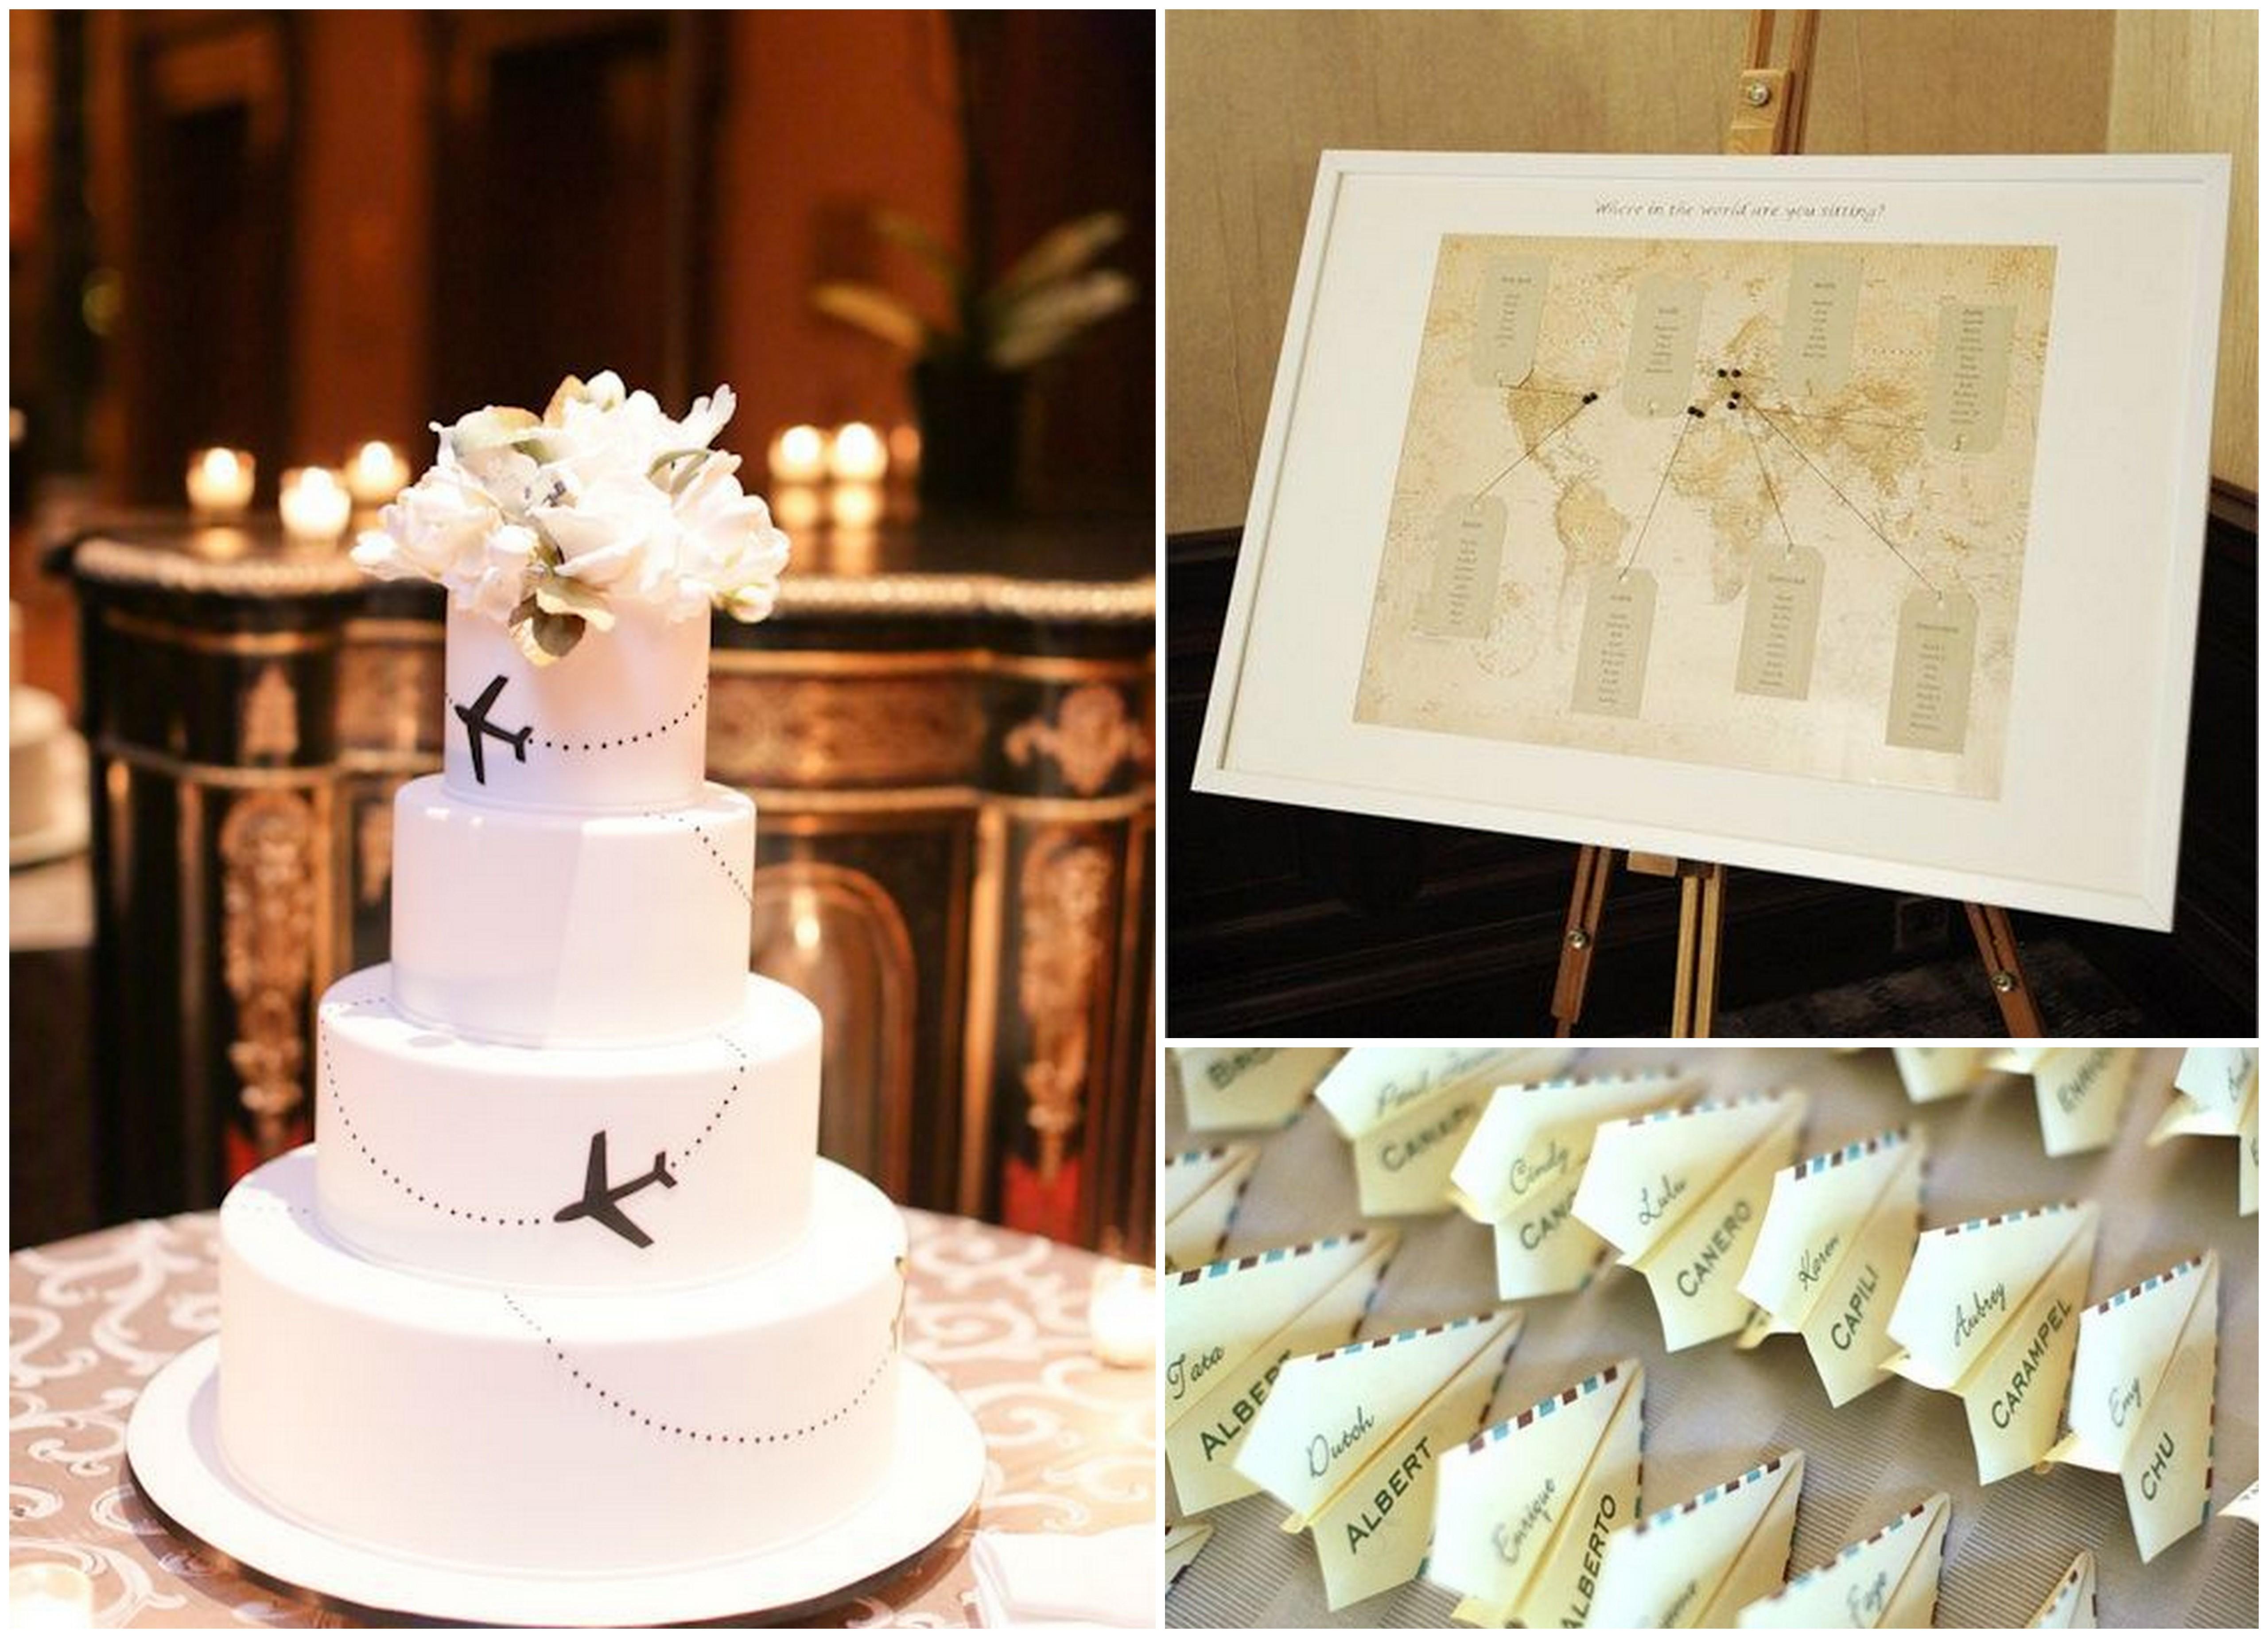 Matrimonio Tema Polaroid : Temi per matrimoni fb regardsdefemmes